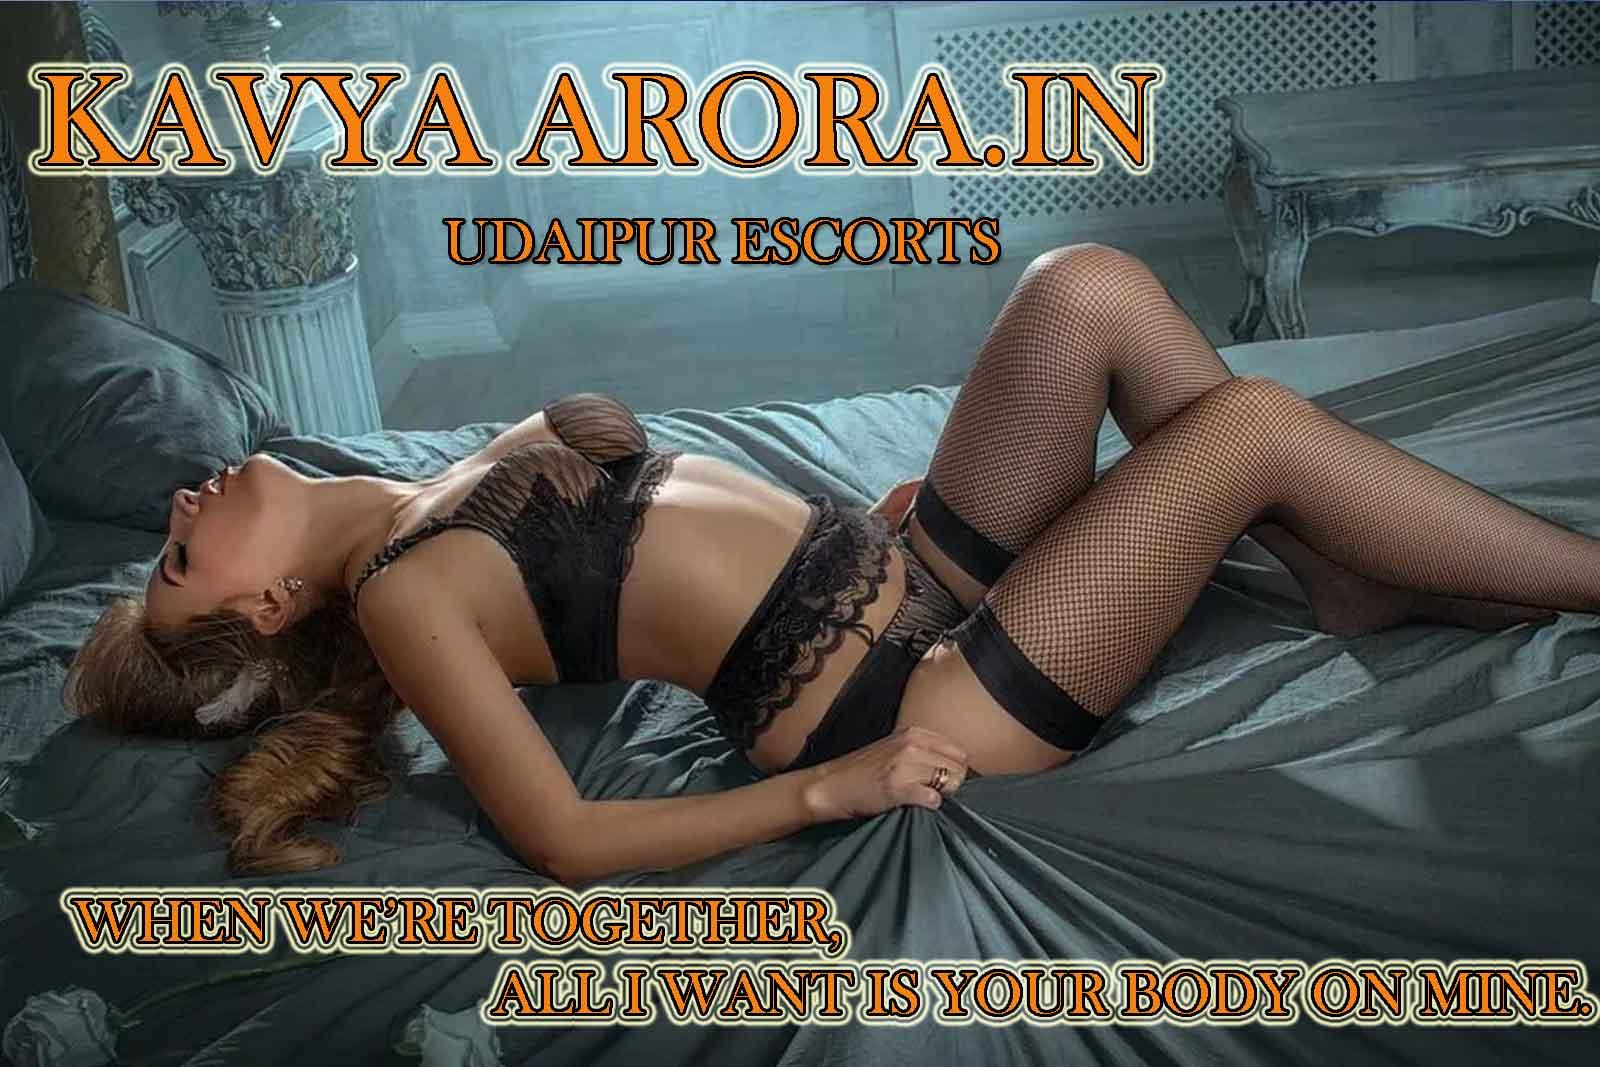 kavya-arora-udaipur-escort